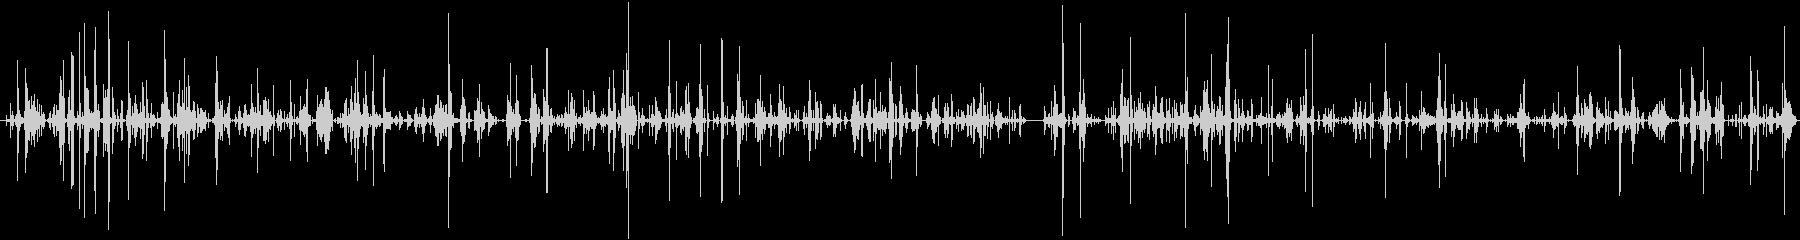 キー キーホルダーミッドサイズラト...の未再生の波形